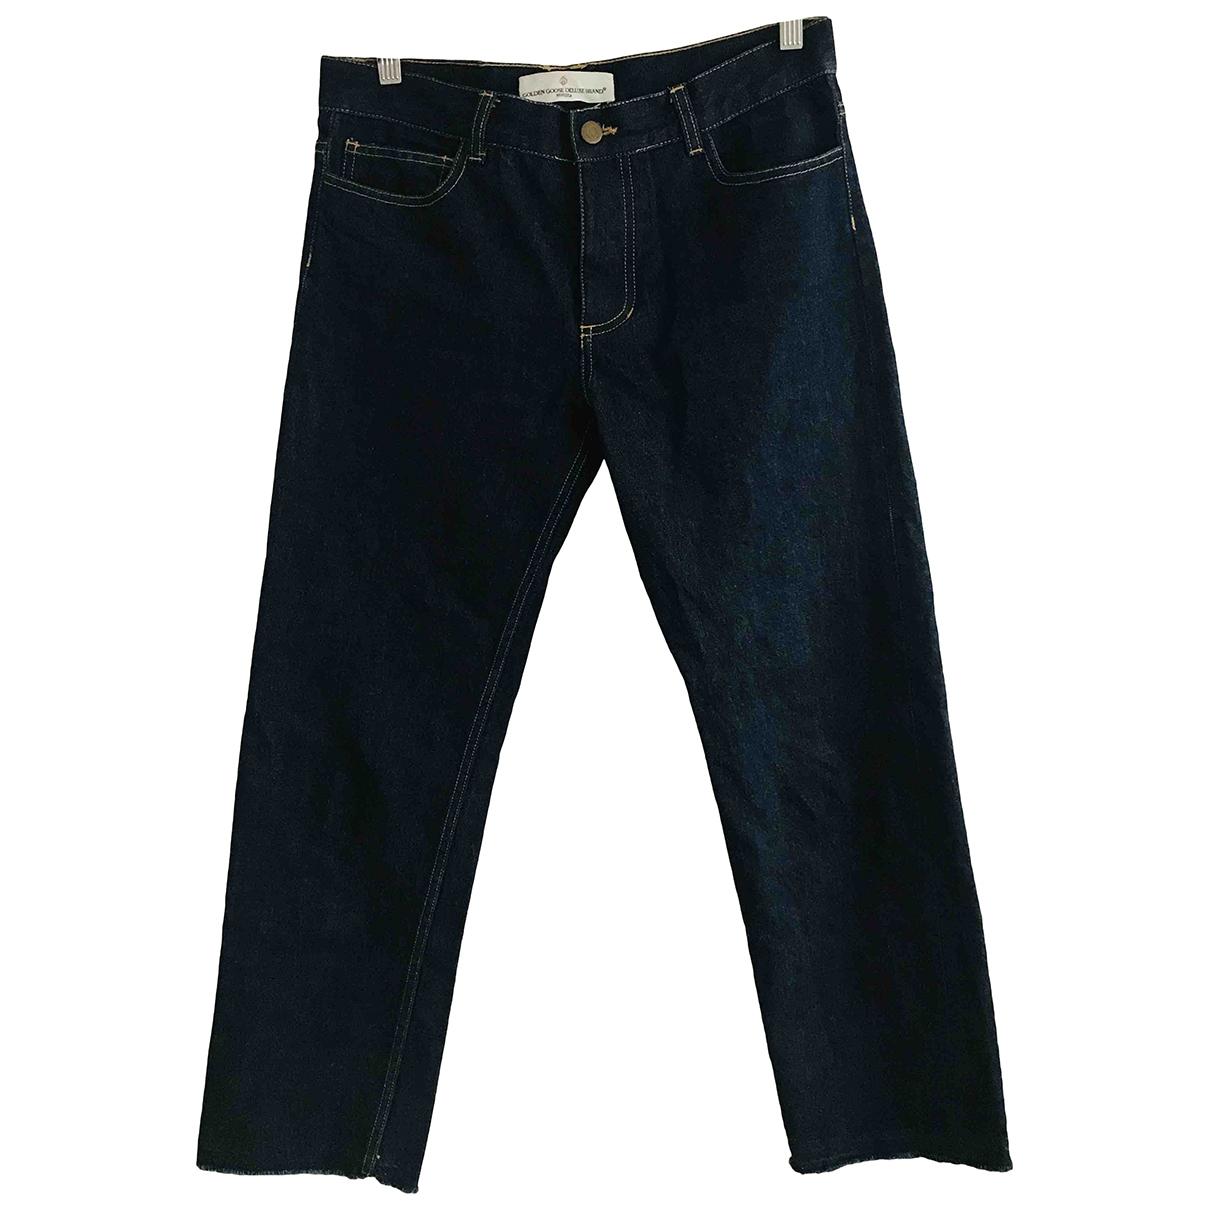 Golden Goose \N Blue Cotton Jeans for Men 38 - 40 FR